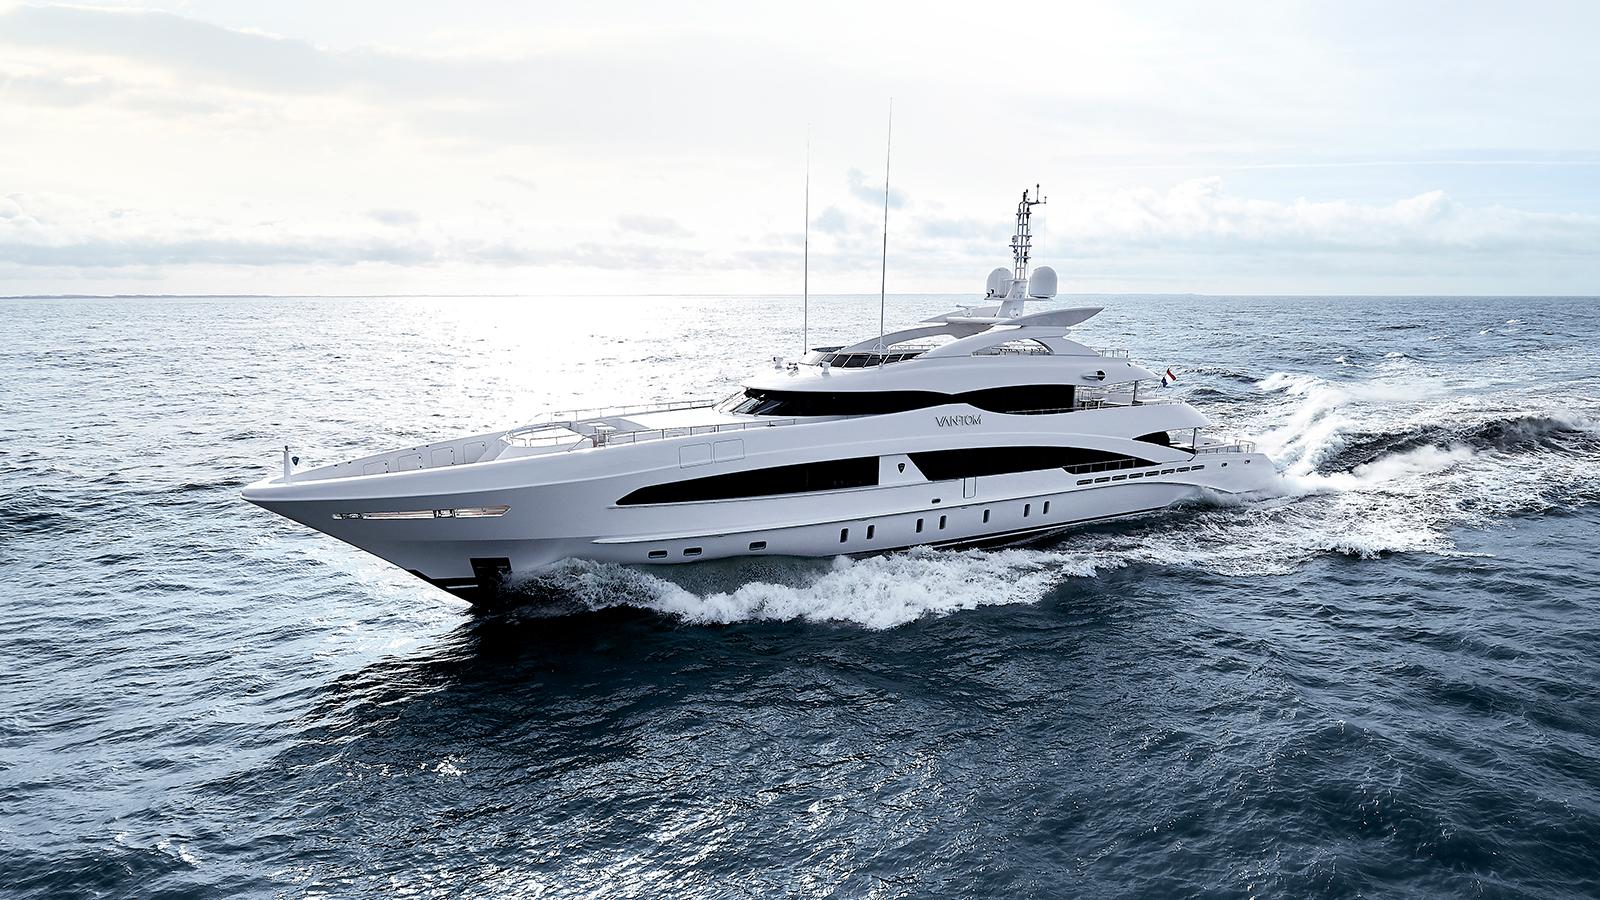 running-shot-of-the-heesen-super-yacht-van-tom-credit-dick-holthuis